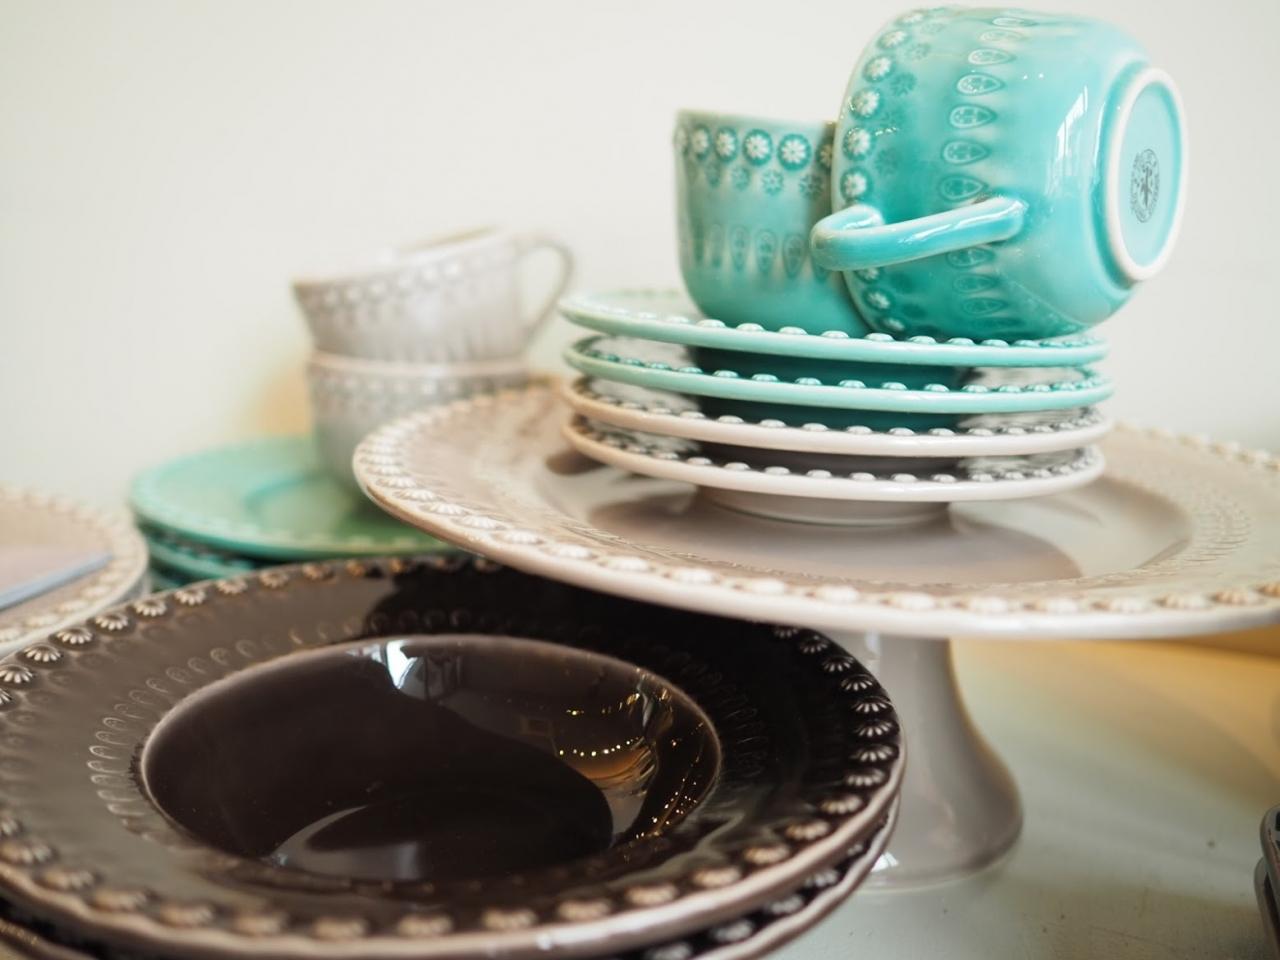 美しい色合いと艶のボルダロ・ピニェイロの陶磁器